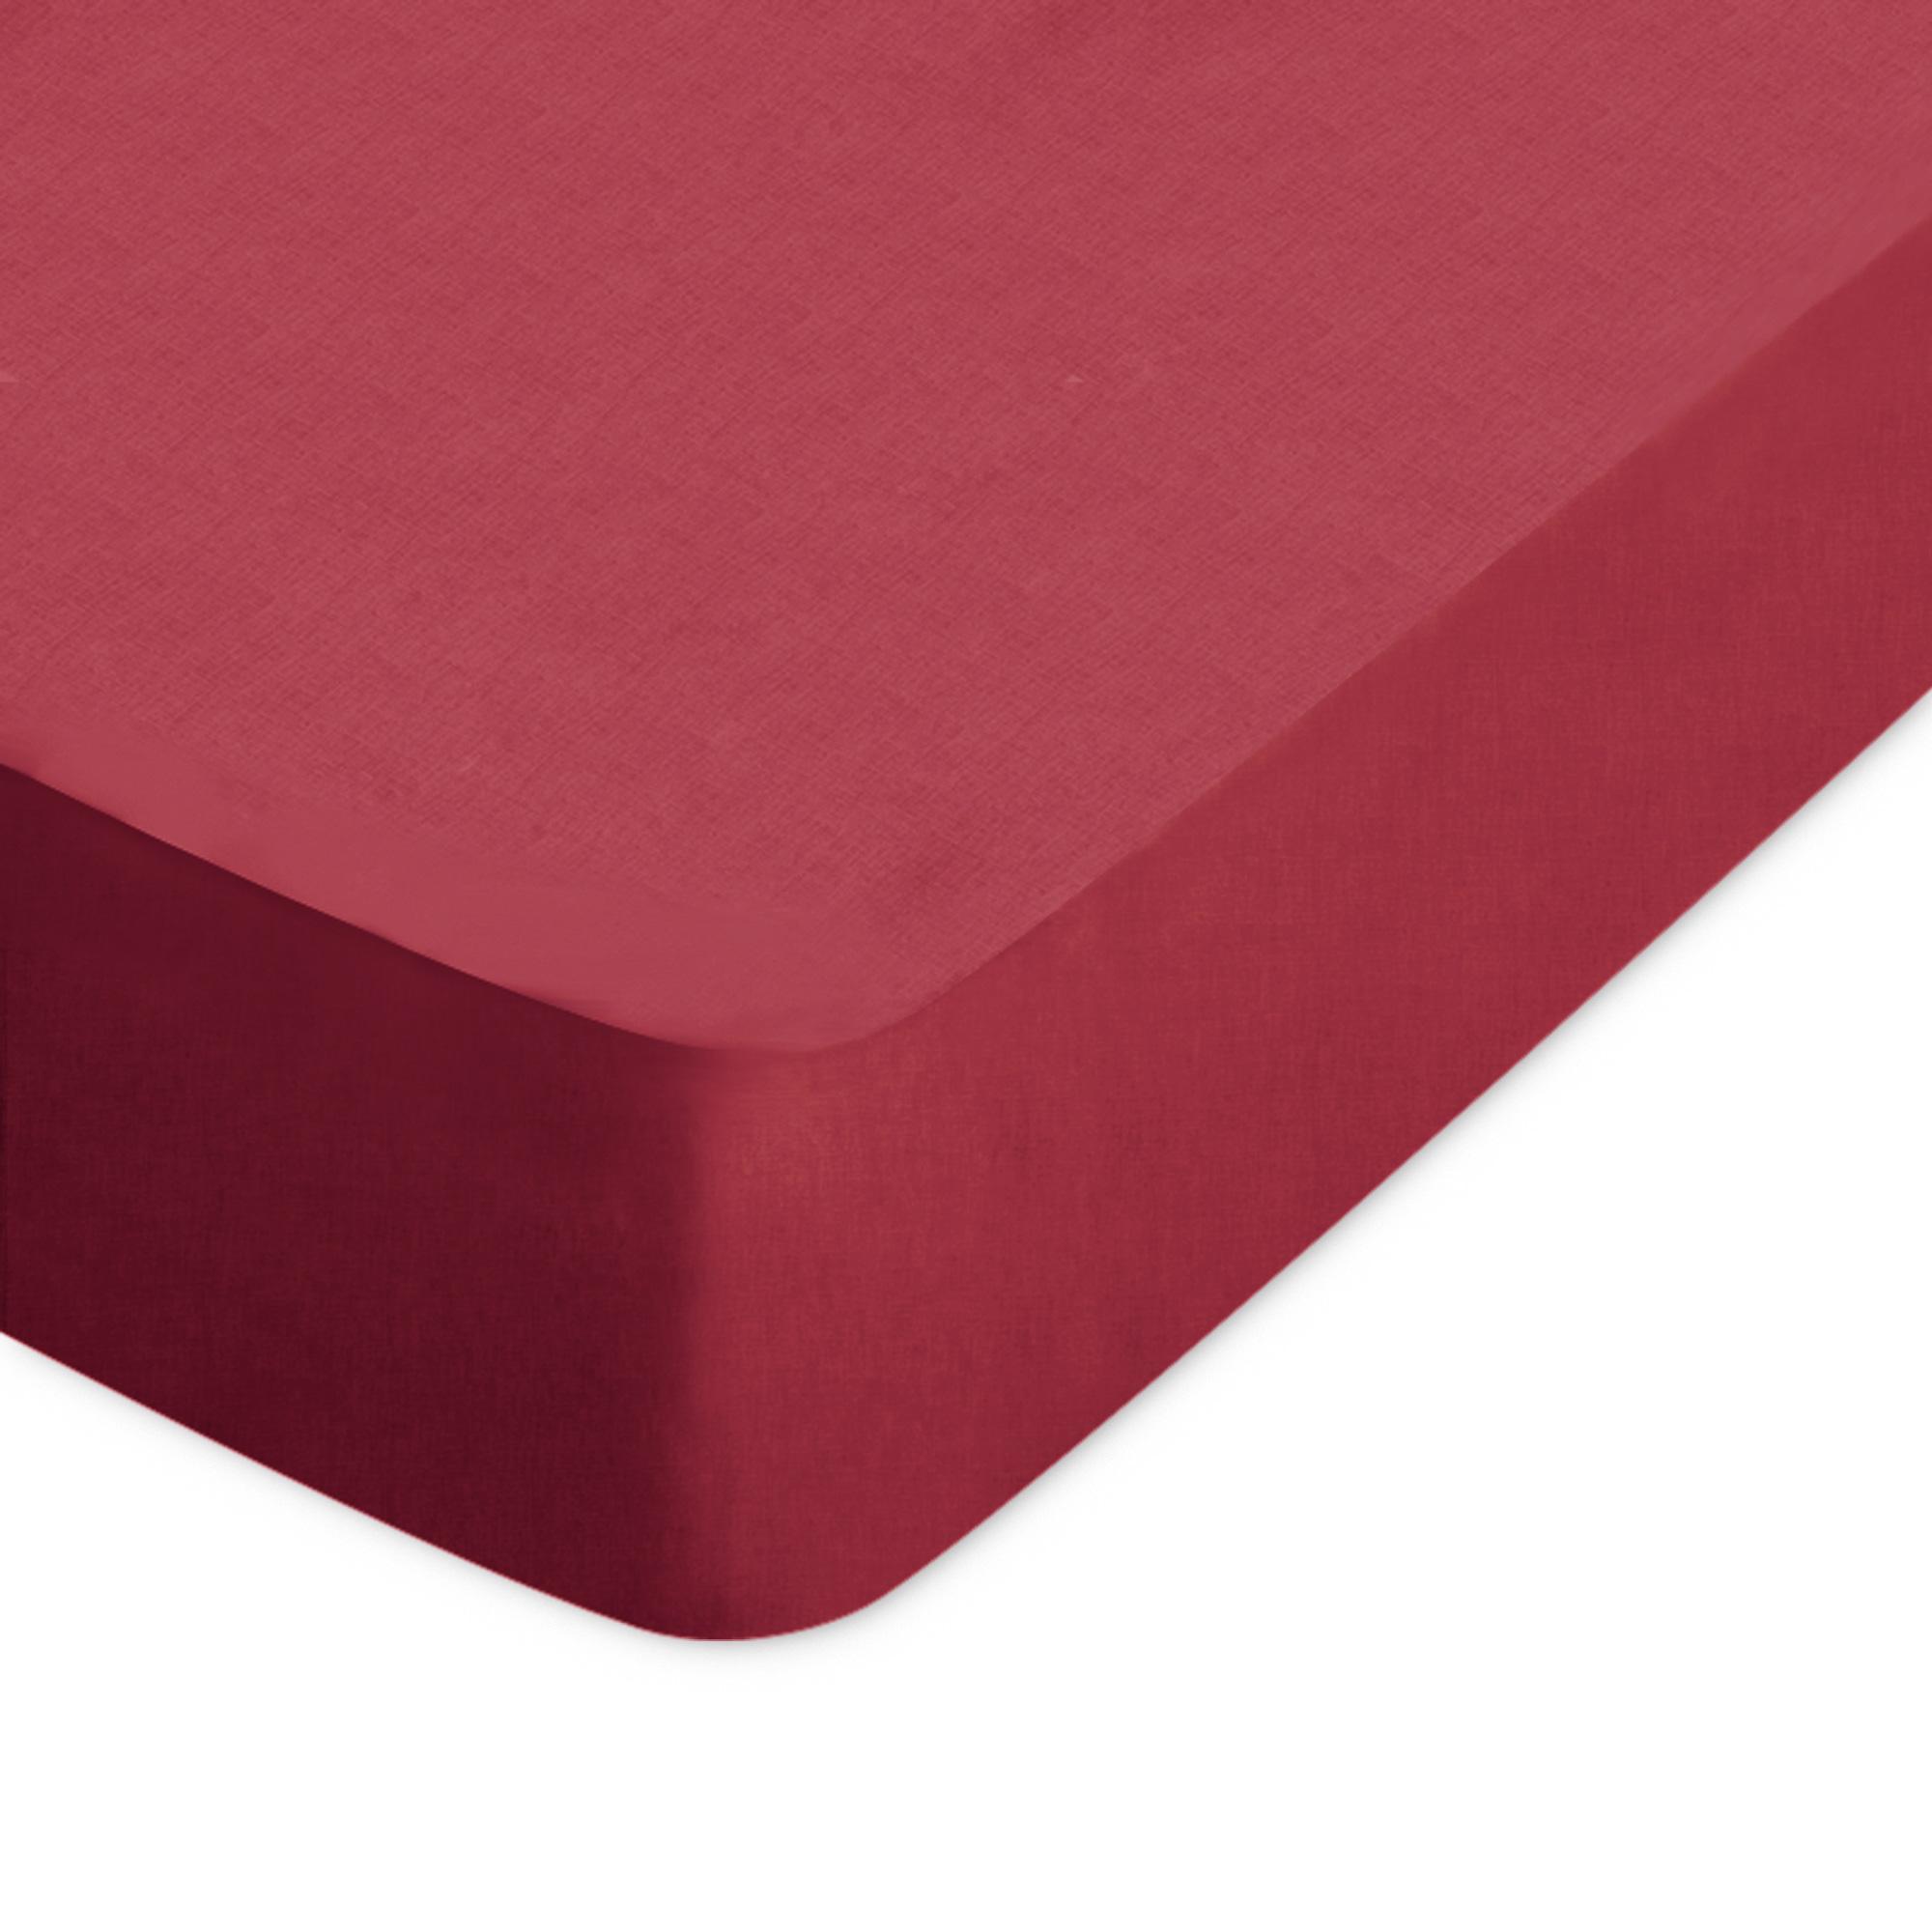 drap housse 80x190 coton Drap housse 80x190cm uni pur coton ALTO rouge Garance | Linnea  drap housse 80x190 coton